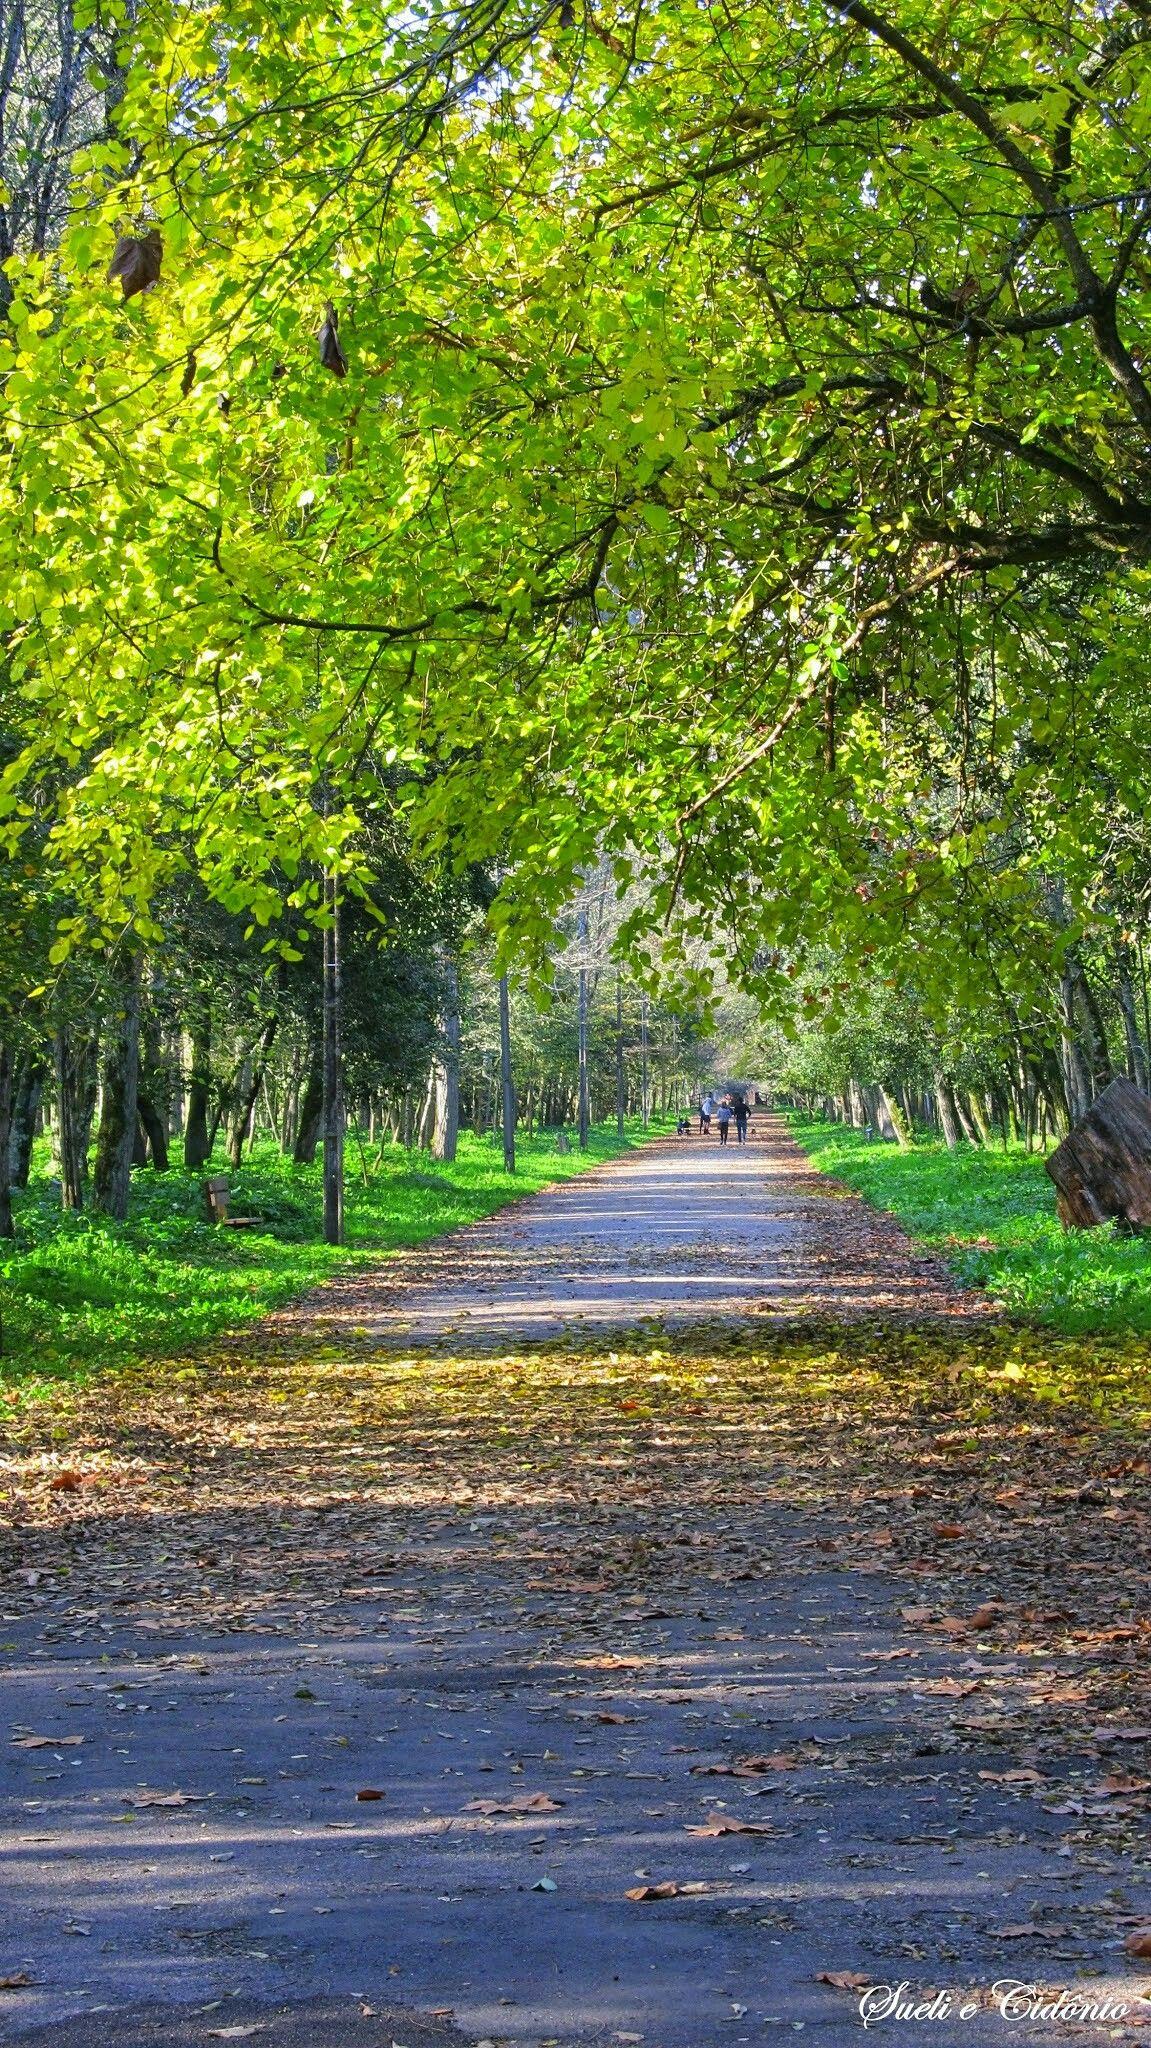 Begrund Blur Photo Background Photo Background Images Photo Background Images Hd